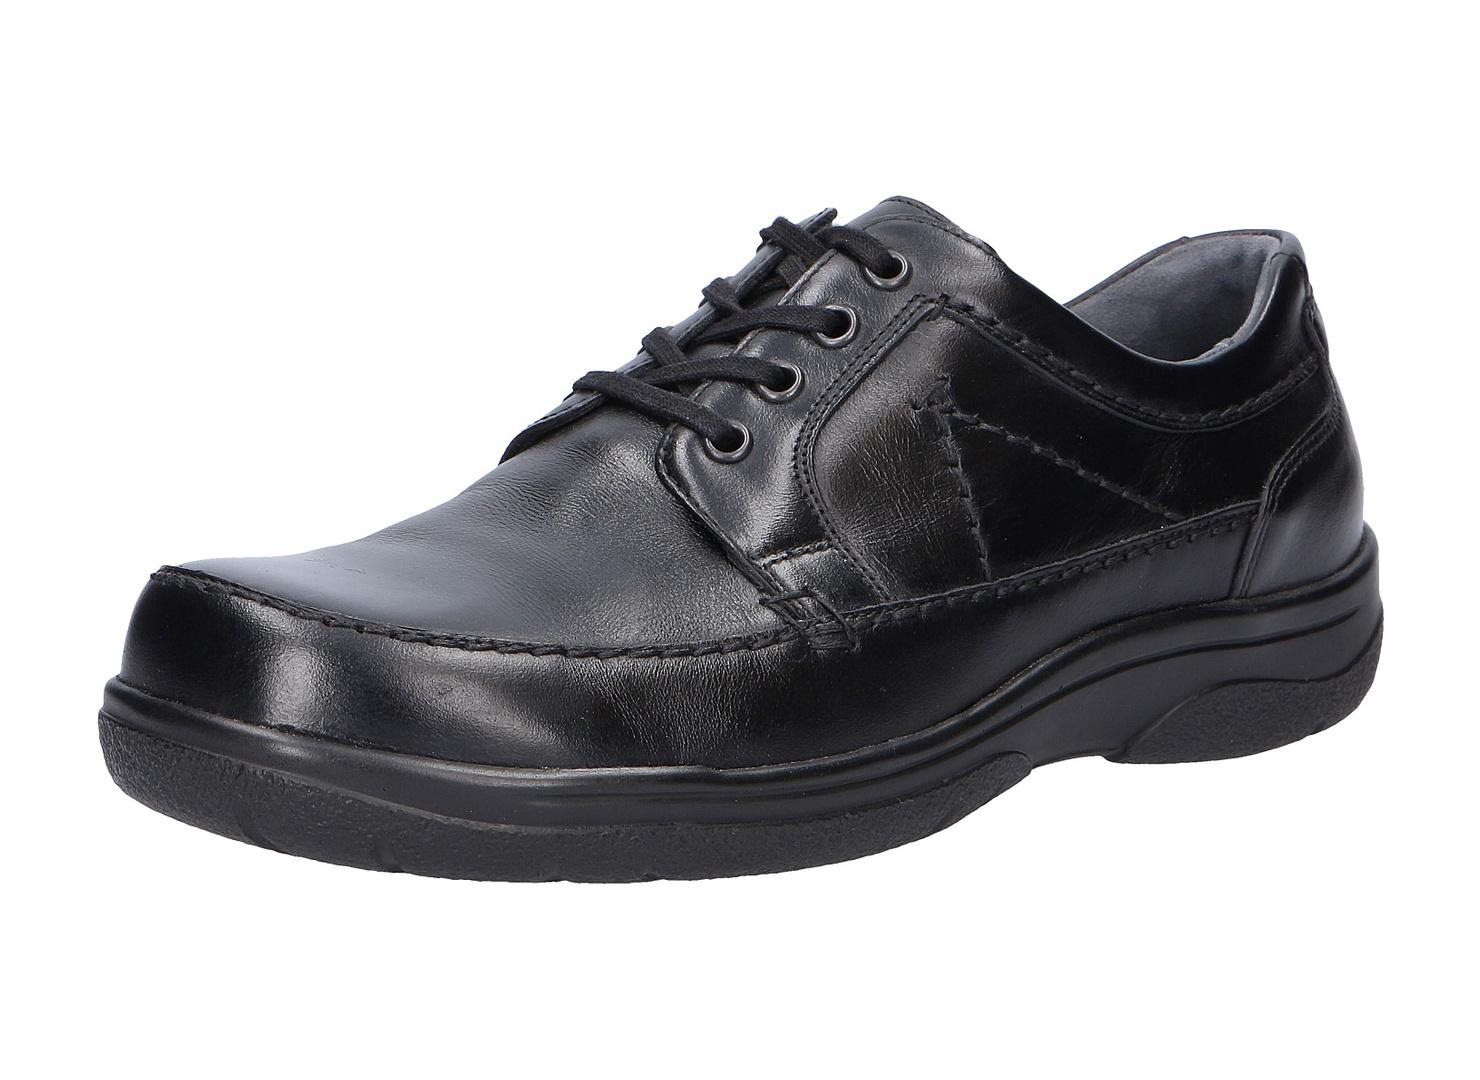 Herren Schuhe von Waldläufer: ab 99,99 € | Stylight